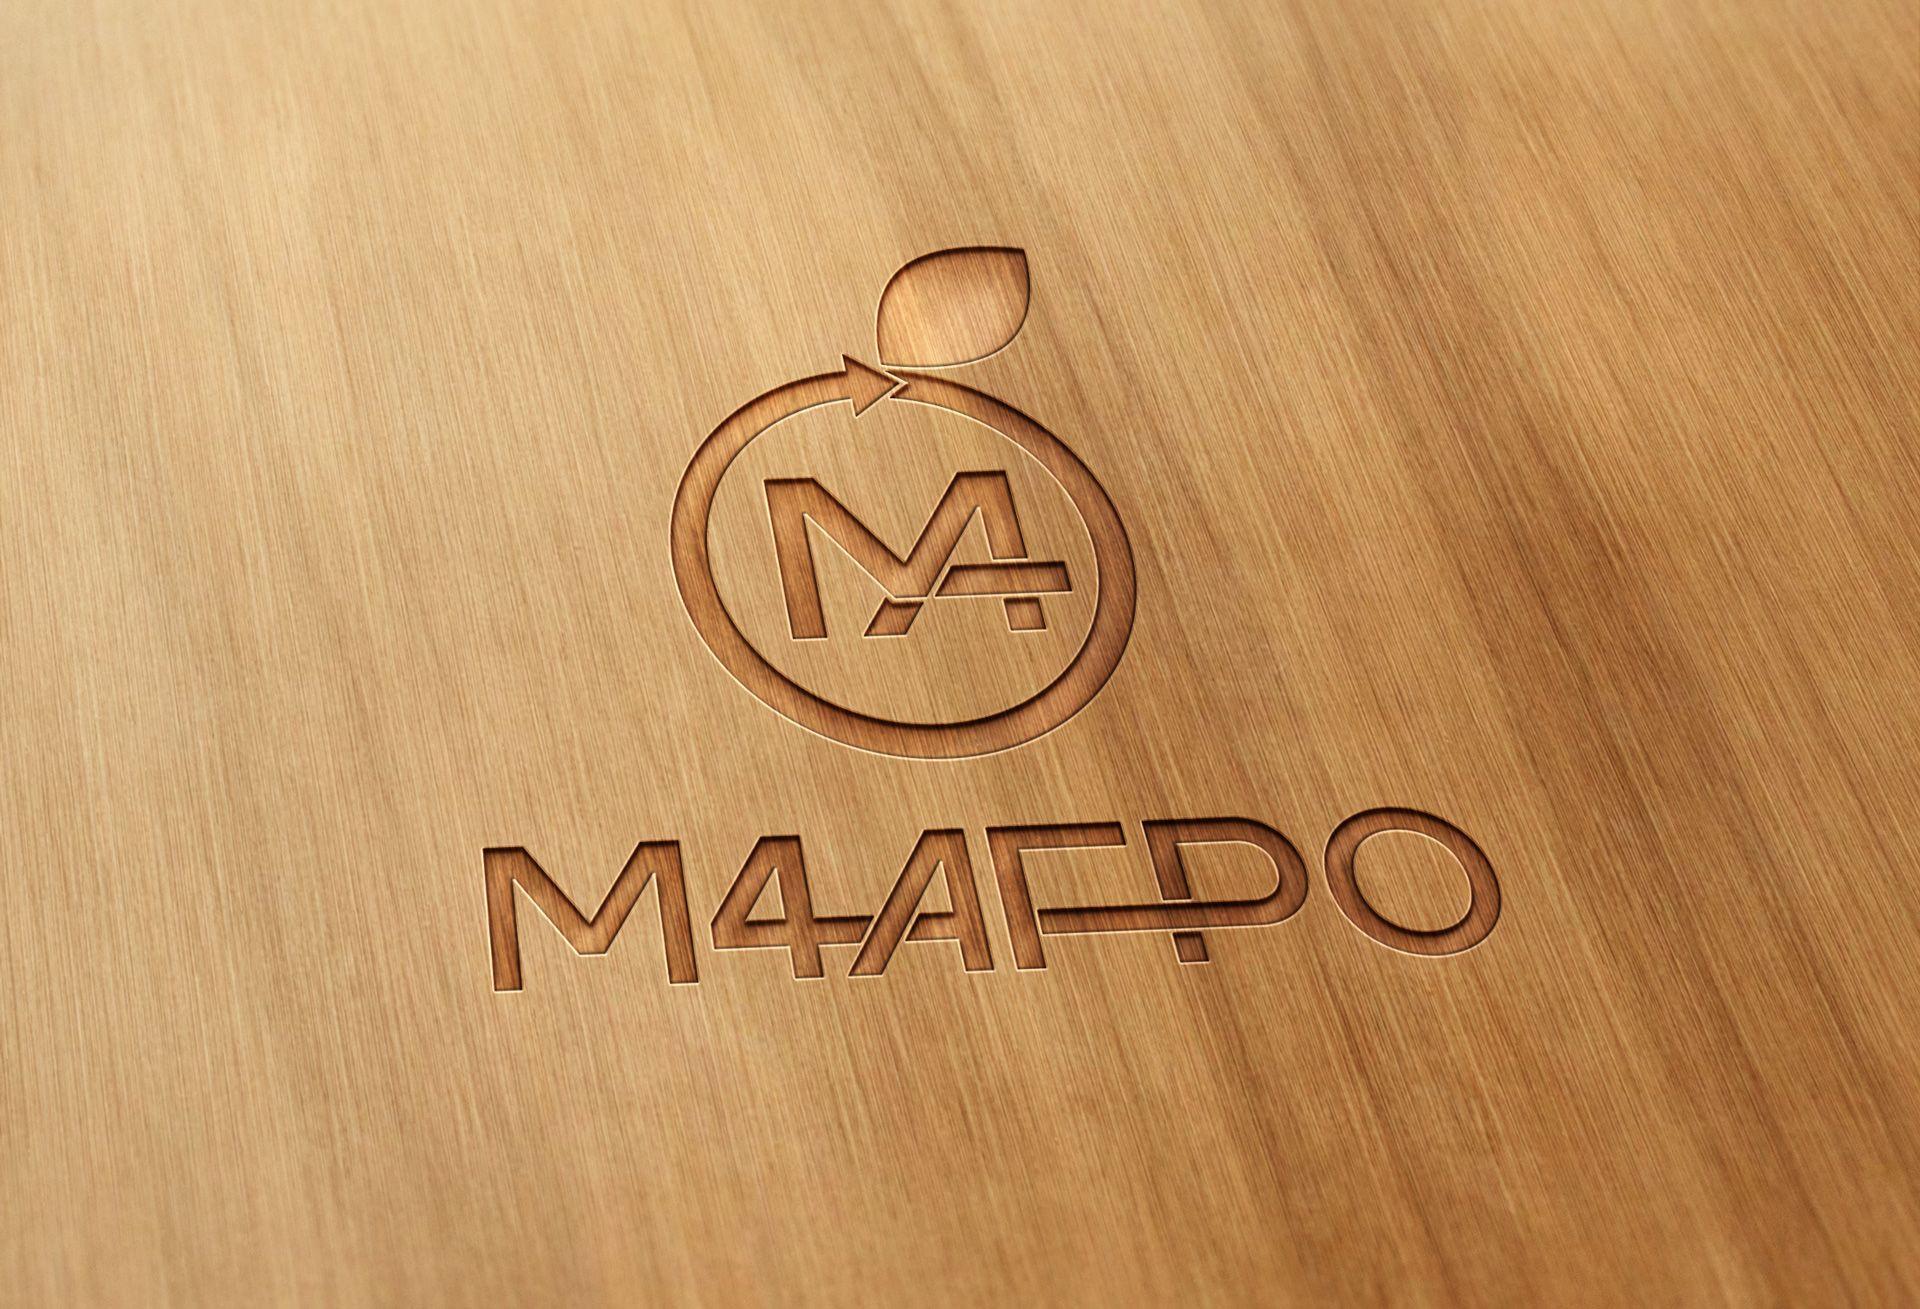 Логотип для M4 АГРО - Российские фрукты - дизайнер Advokat72